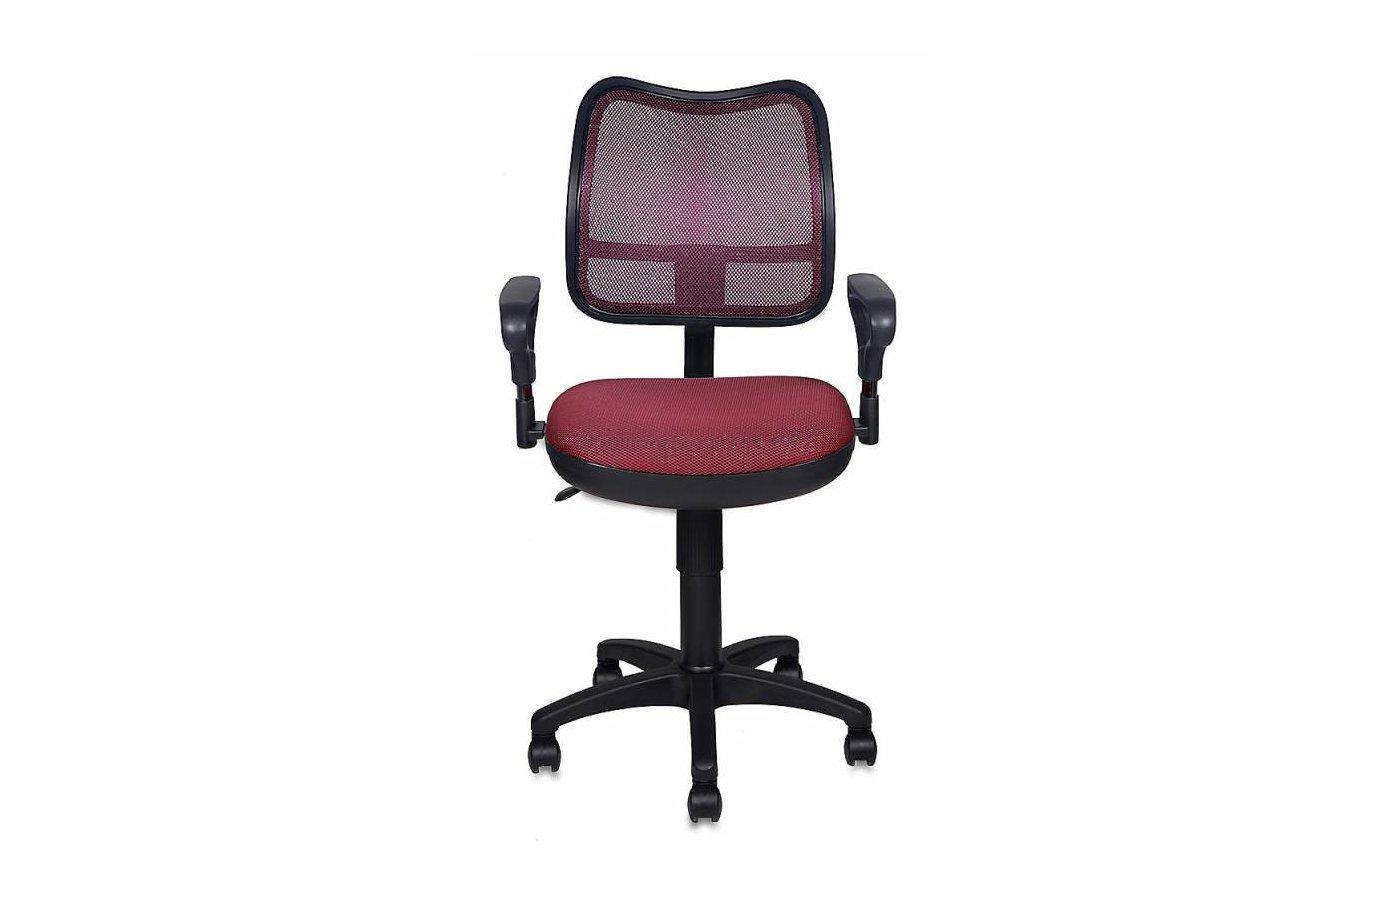 Бюрократ CH-799/CH/TW-13N спинка сетка бордовый сиденье темно-бордовый TW-13N